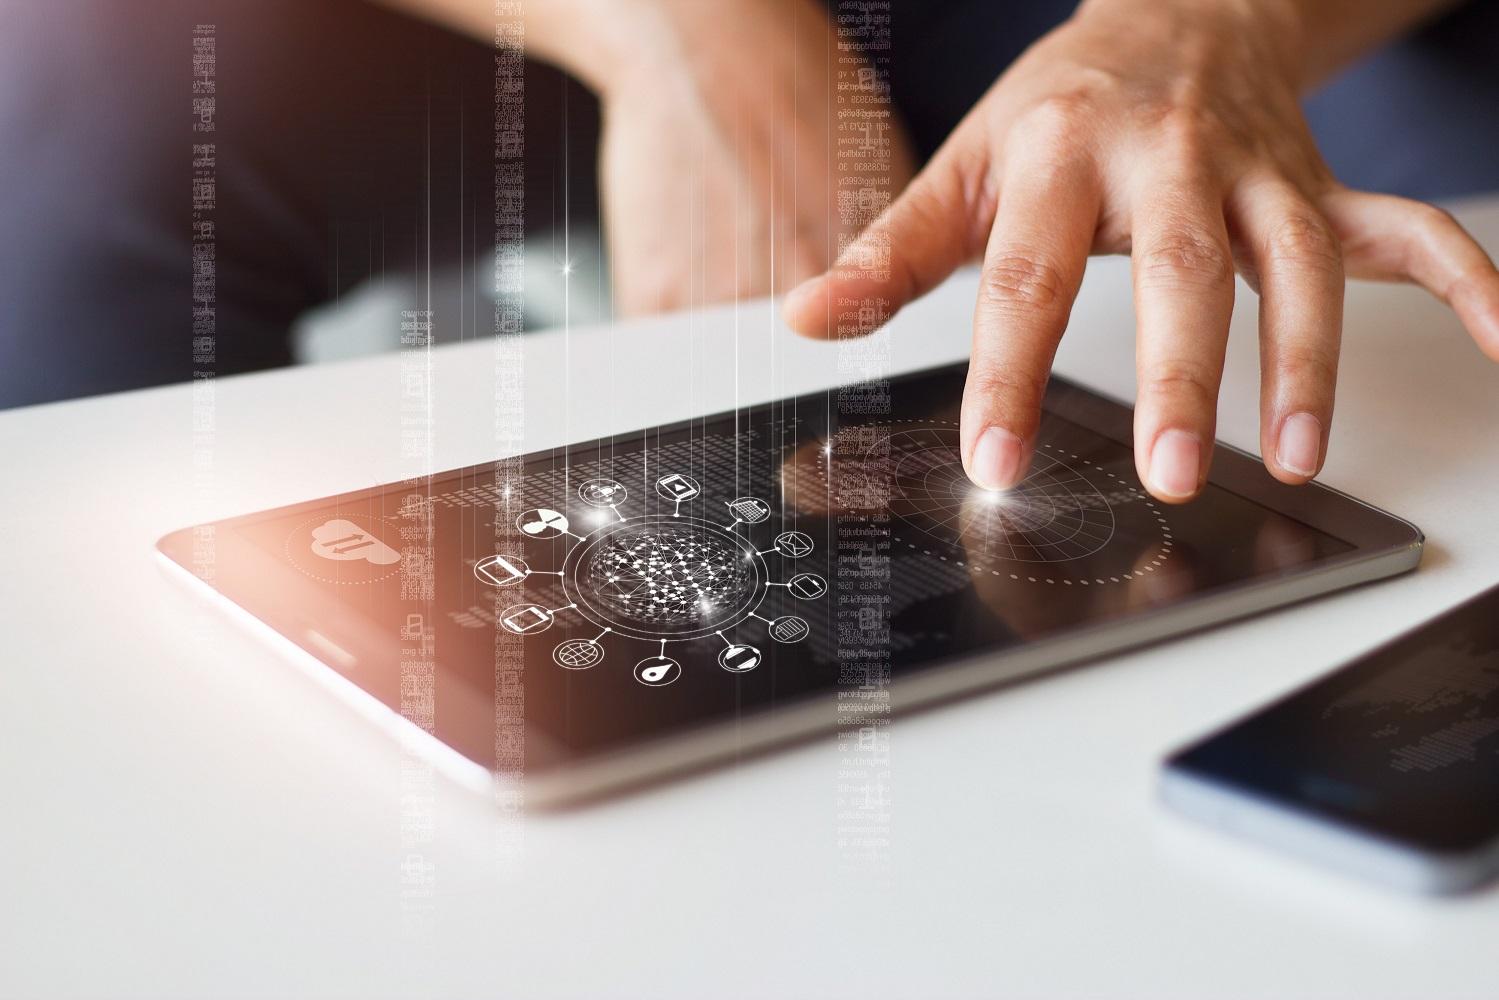 Ferramentas digitais para otimizar operações em tempos de crise